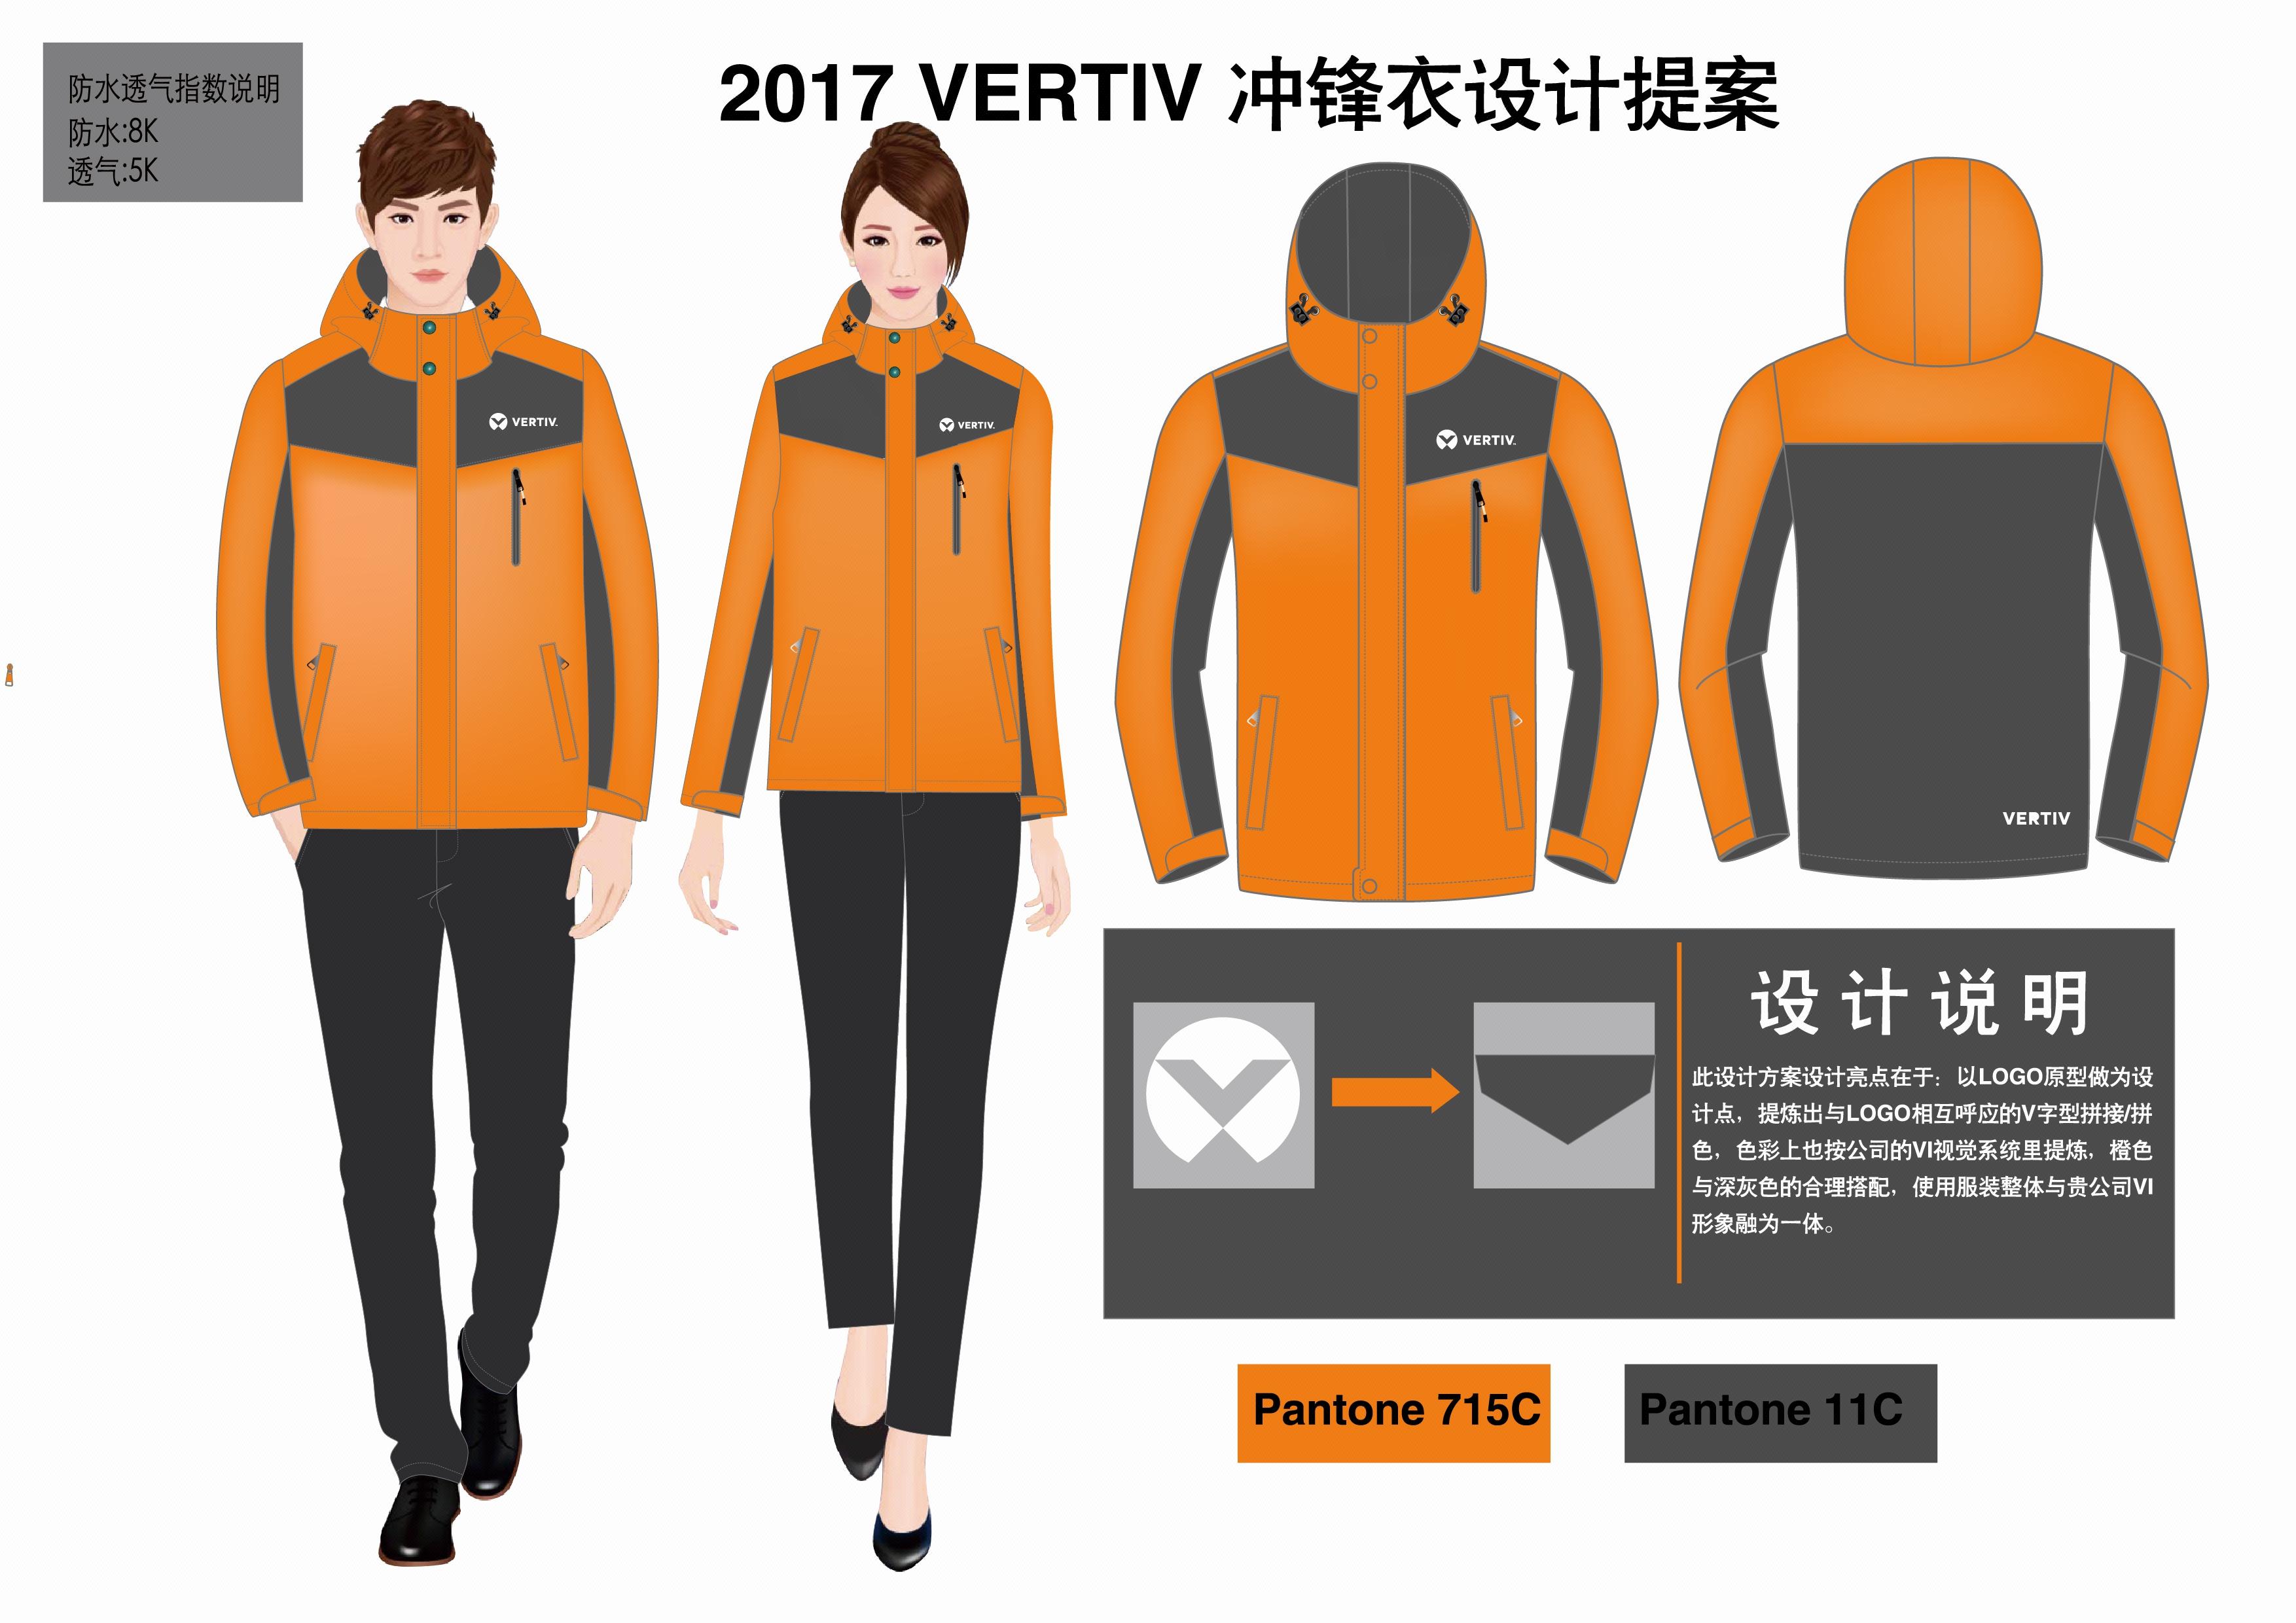 滑雪服设计男装设计潮牌男式冲锋衣滑雪设计户外运动服设计工作服